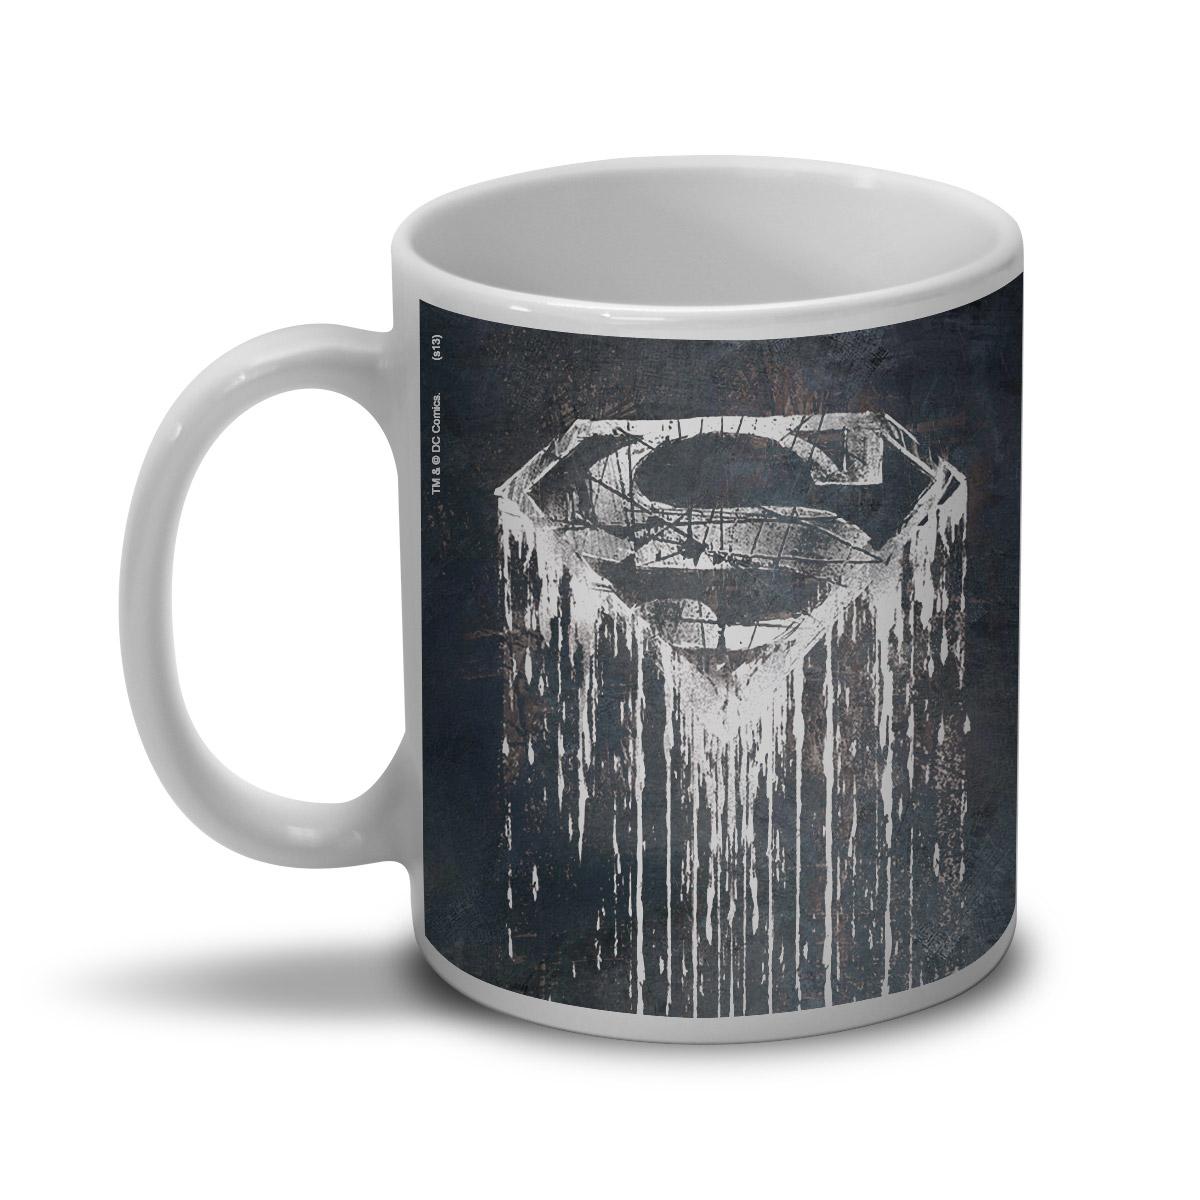 Caneca Superman Steel Melting  - bandUP Store Marketplace